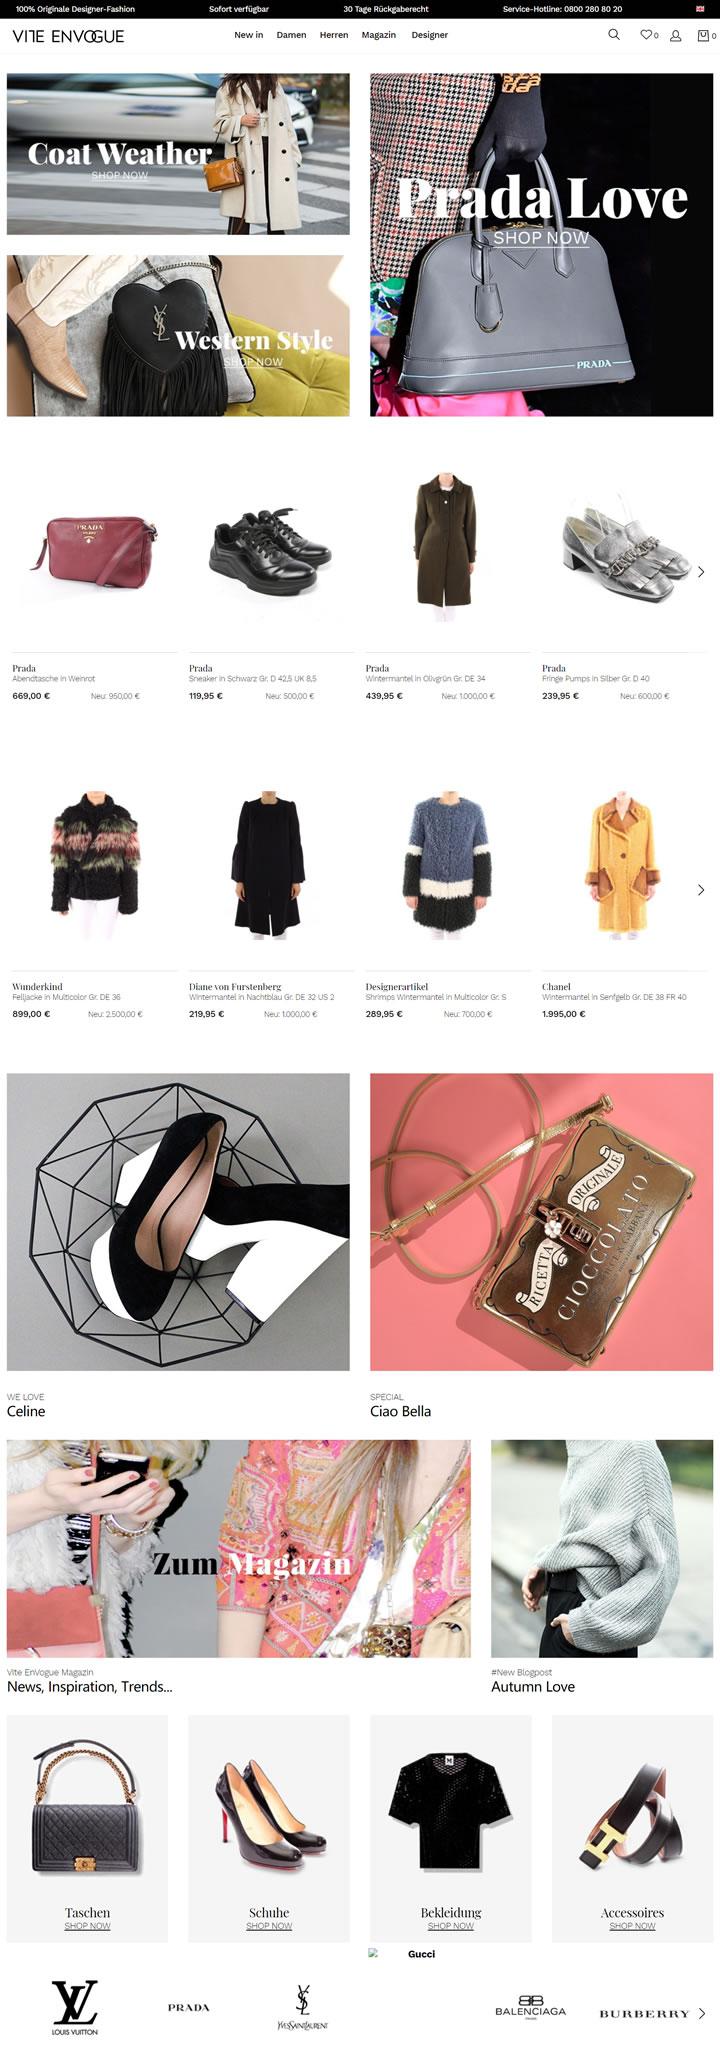 Bekleidung   Damen   Vite EnVogue Luxus Second Hand Designermode